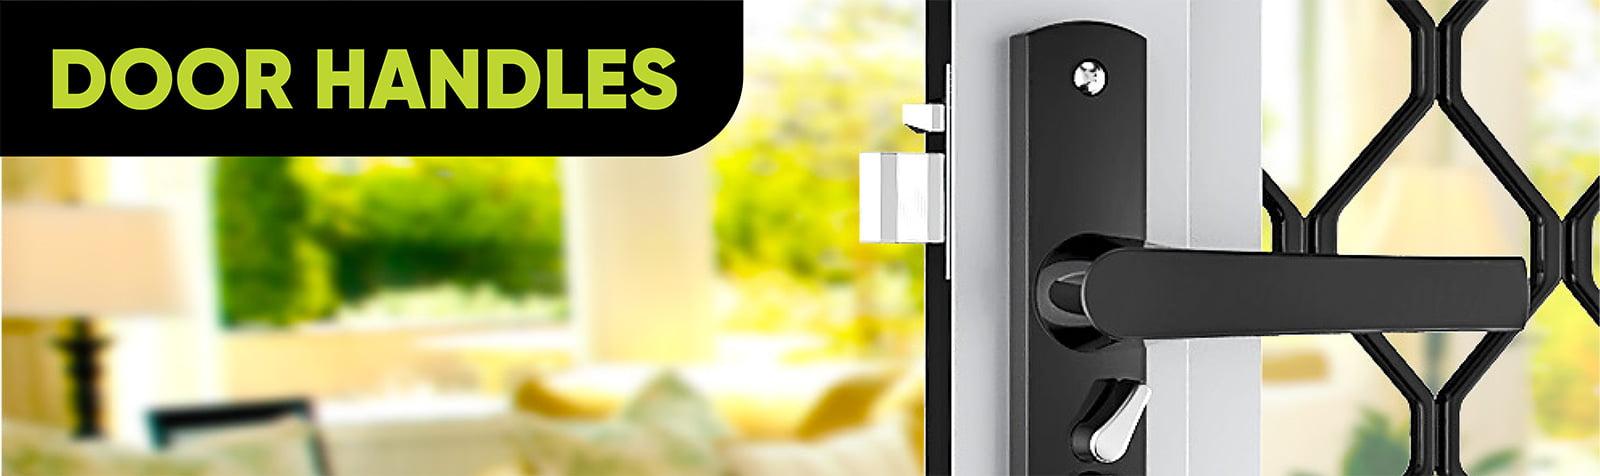 Door Hardware Door Handles Category Banner